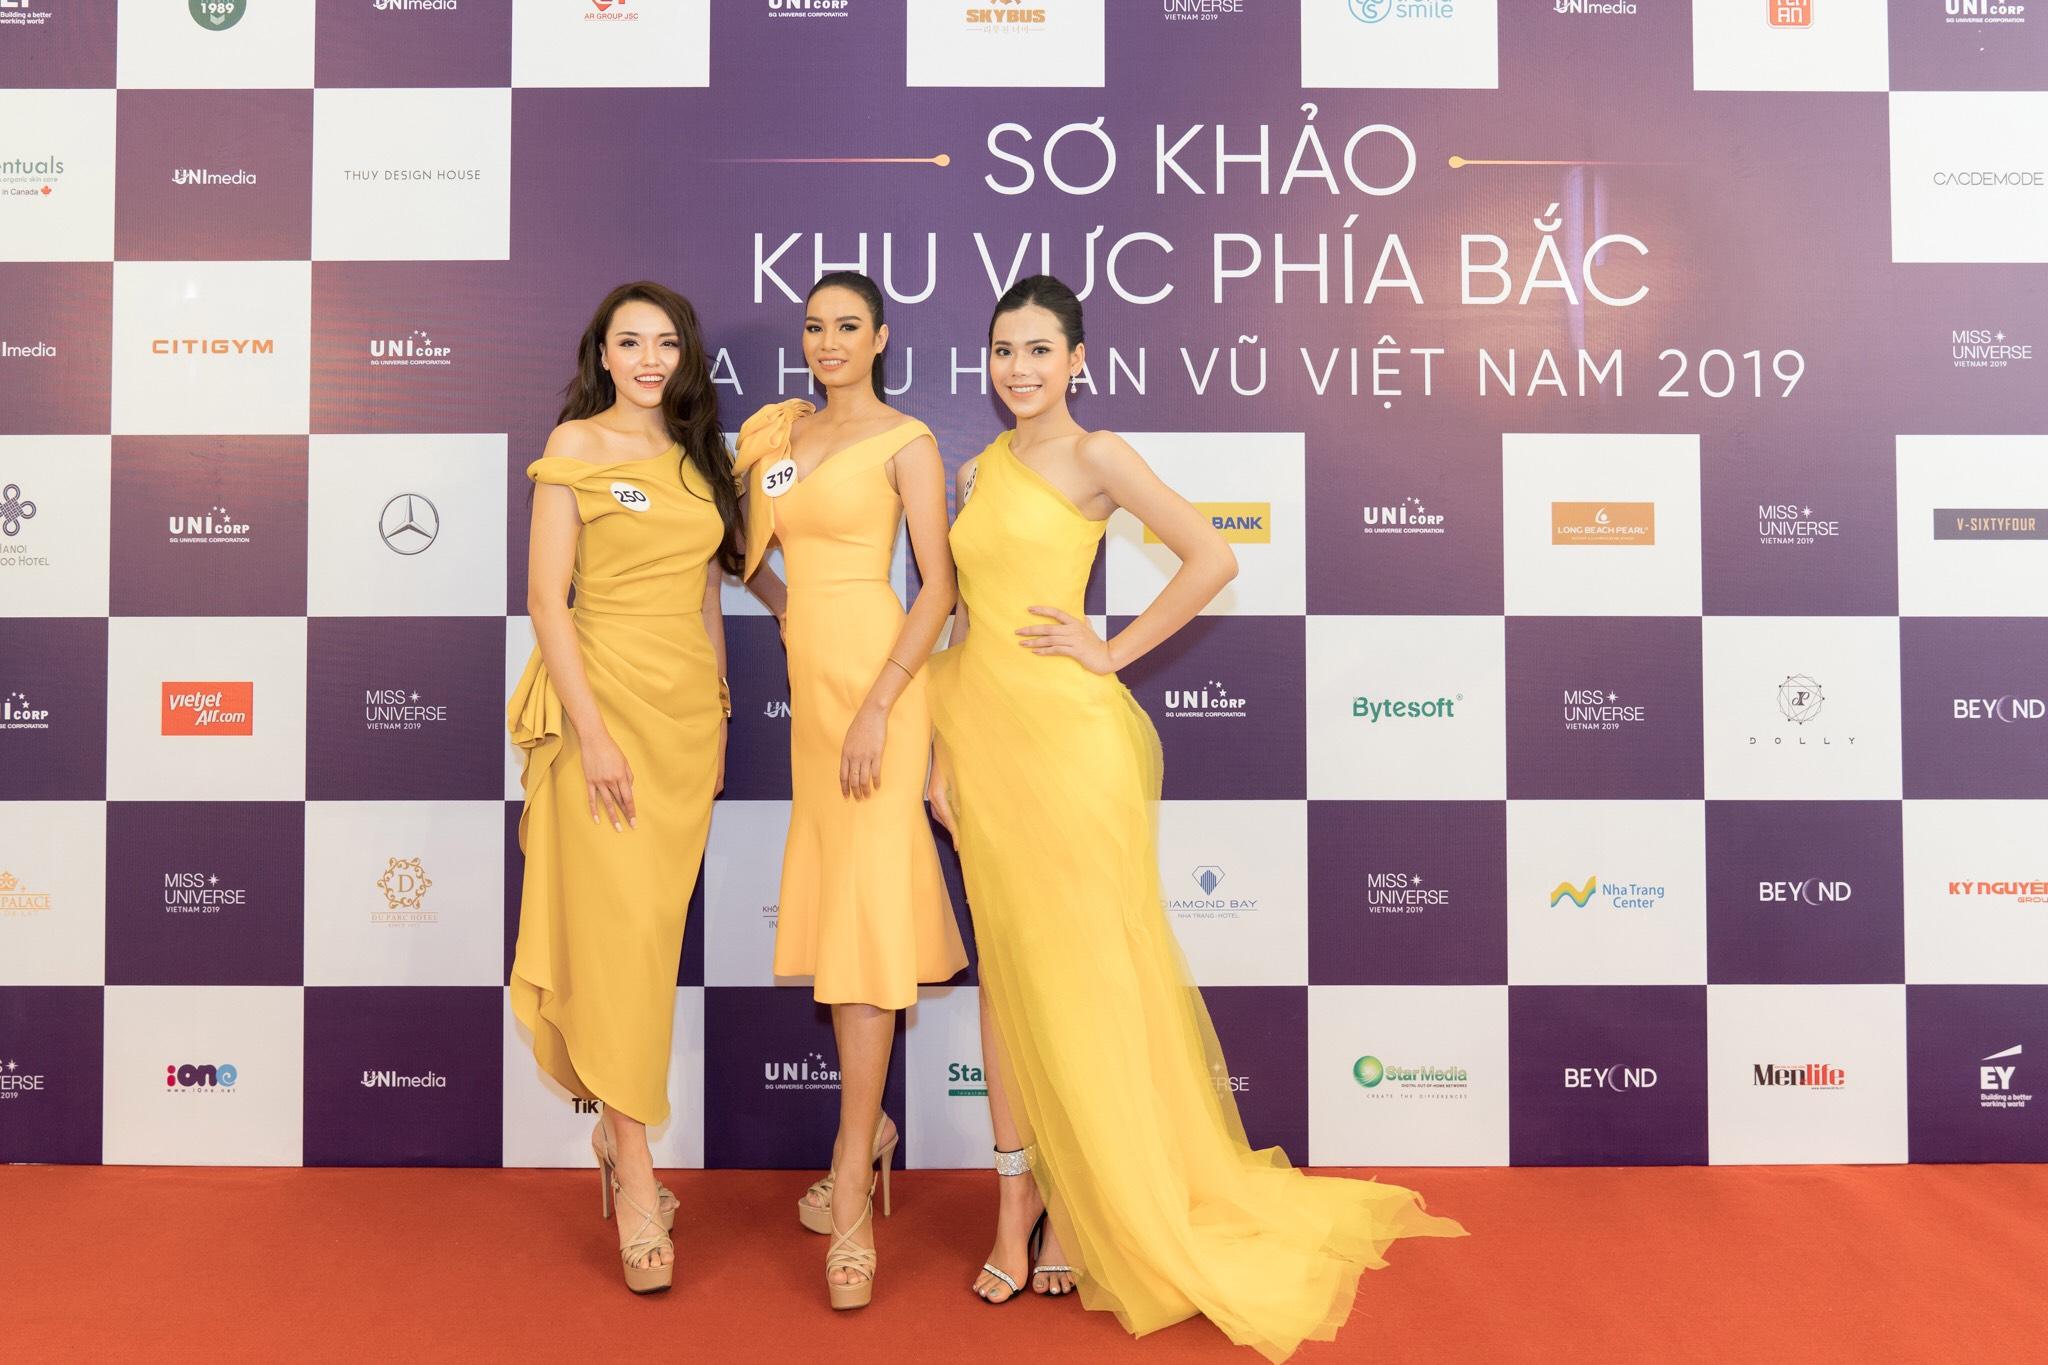 Thi sinh so khao phia Bac Hoa hau Hoan vu Viet Nam 2019 (3)